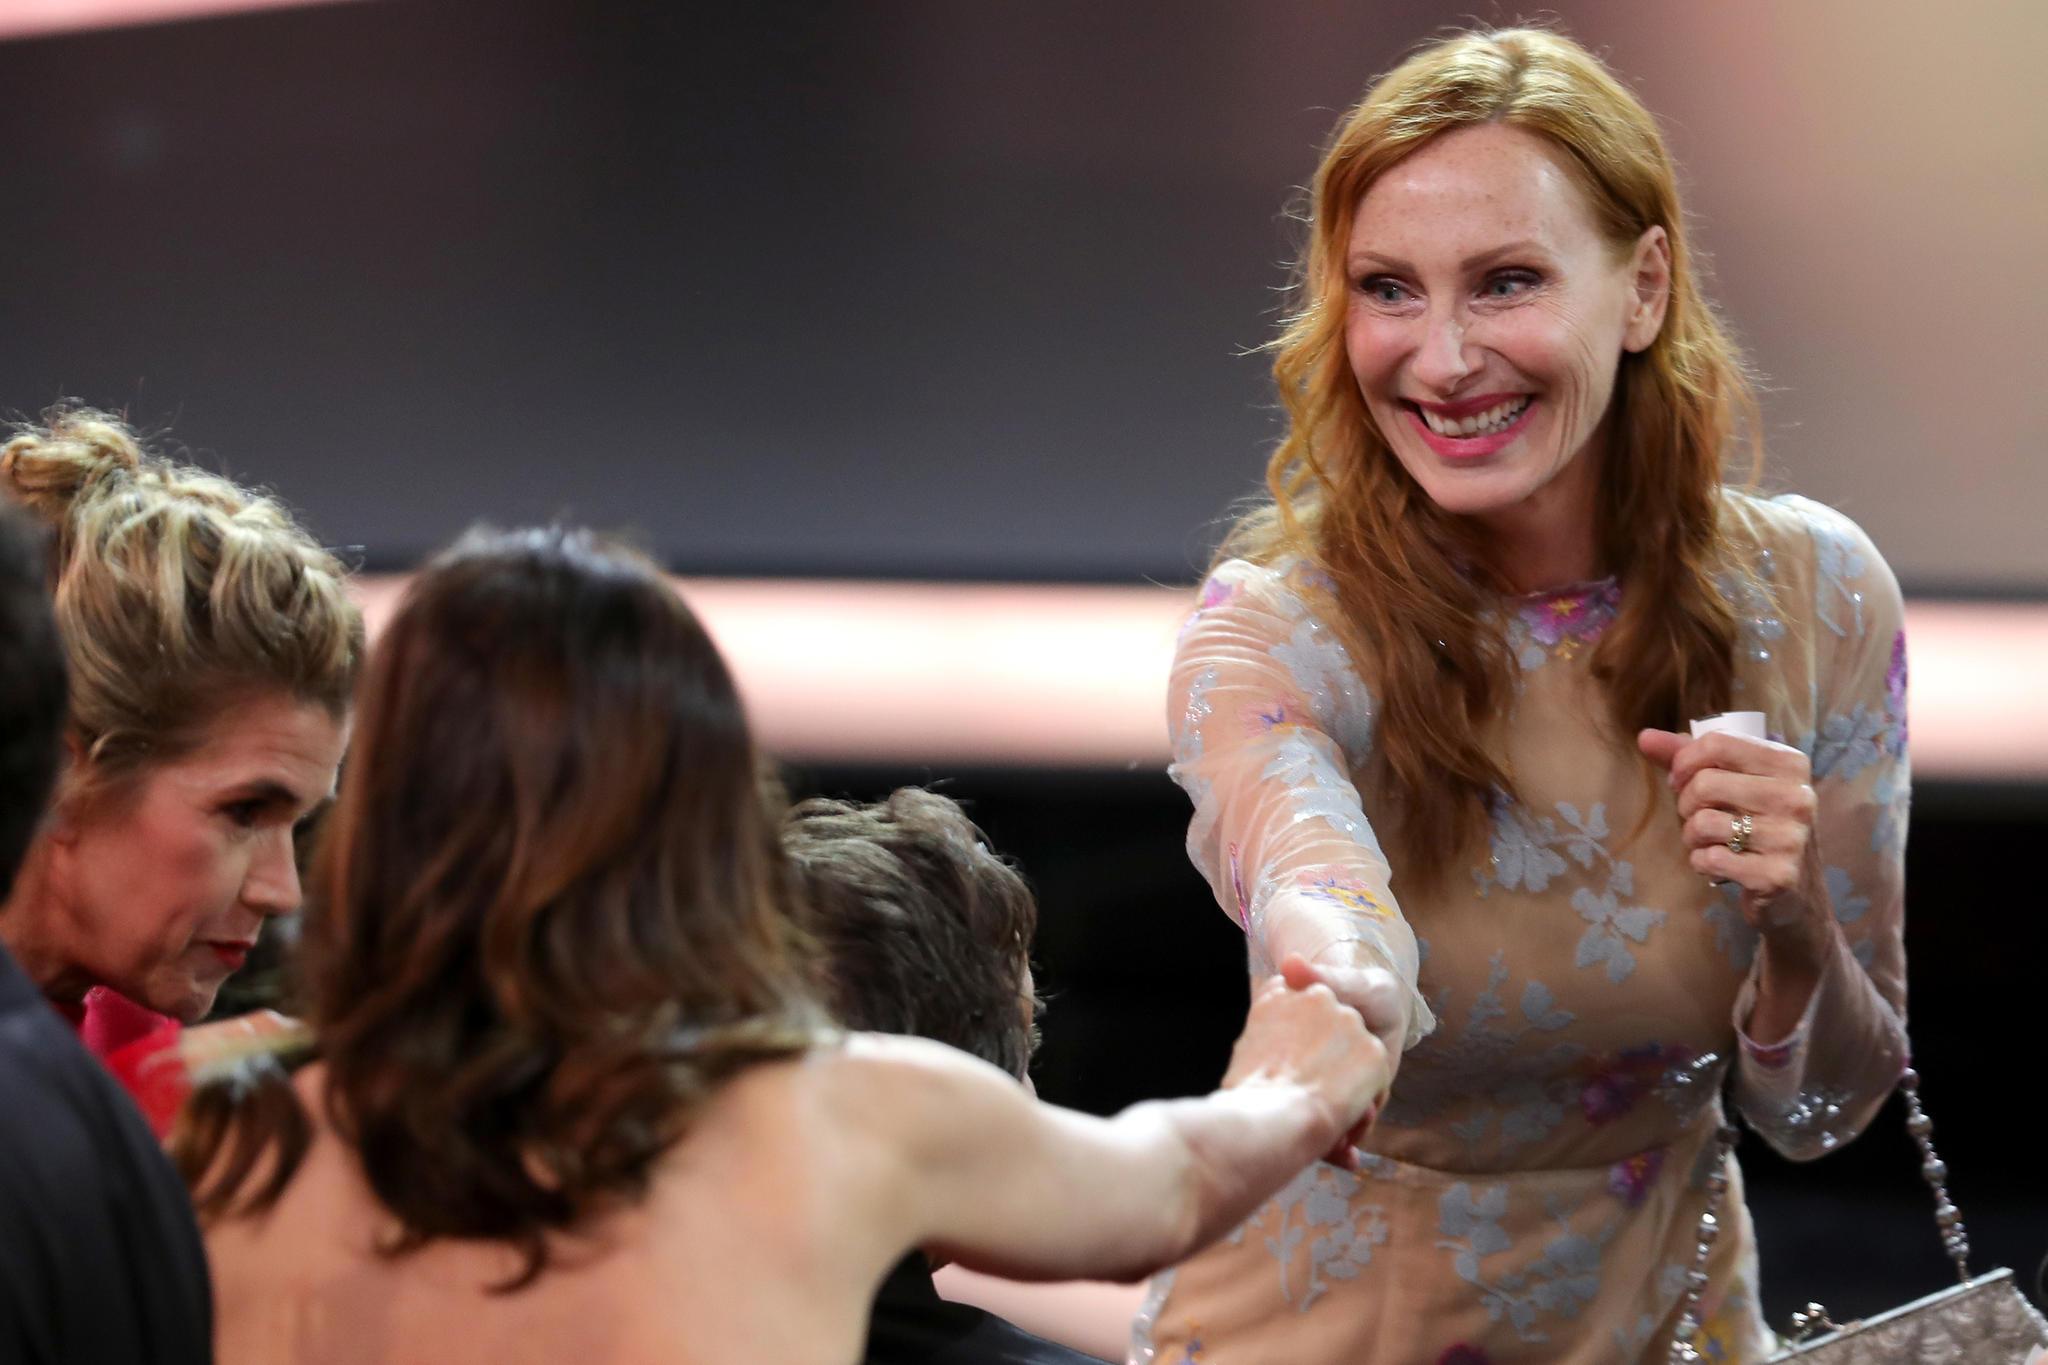 Andrea Sawatzki Sexy deutscher filmpreis 2019: die schönsten bilder der lola